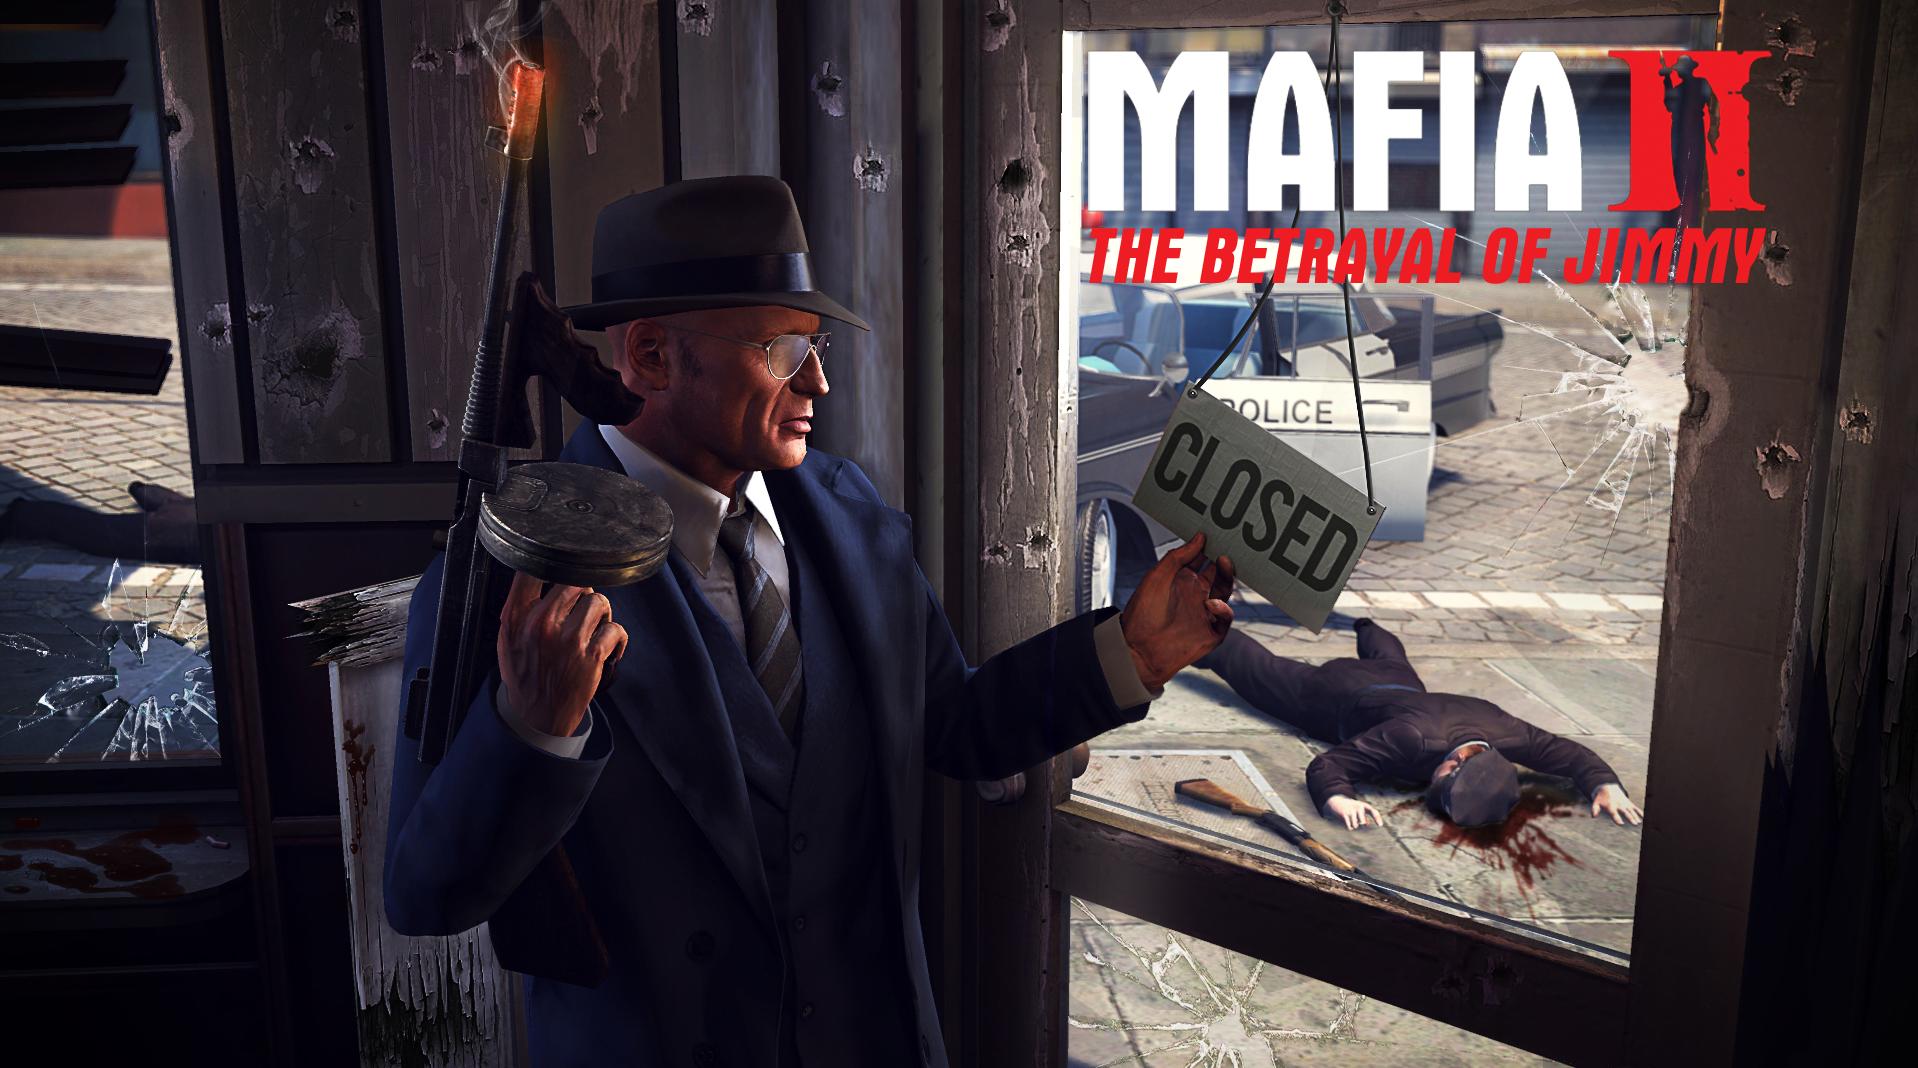 The Betrayal of Jimmy | Mafia Wiki | FANDOM powered by Wikia